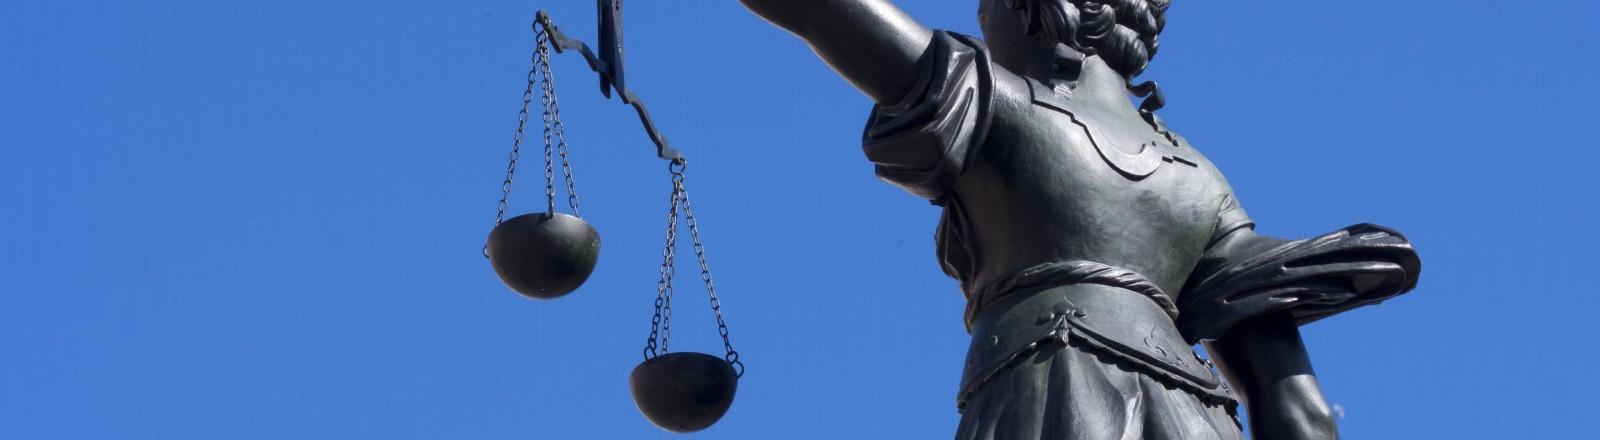 Statue der Justizia von hinten in Frankfurt am Main.